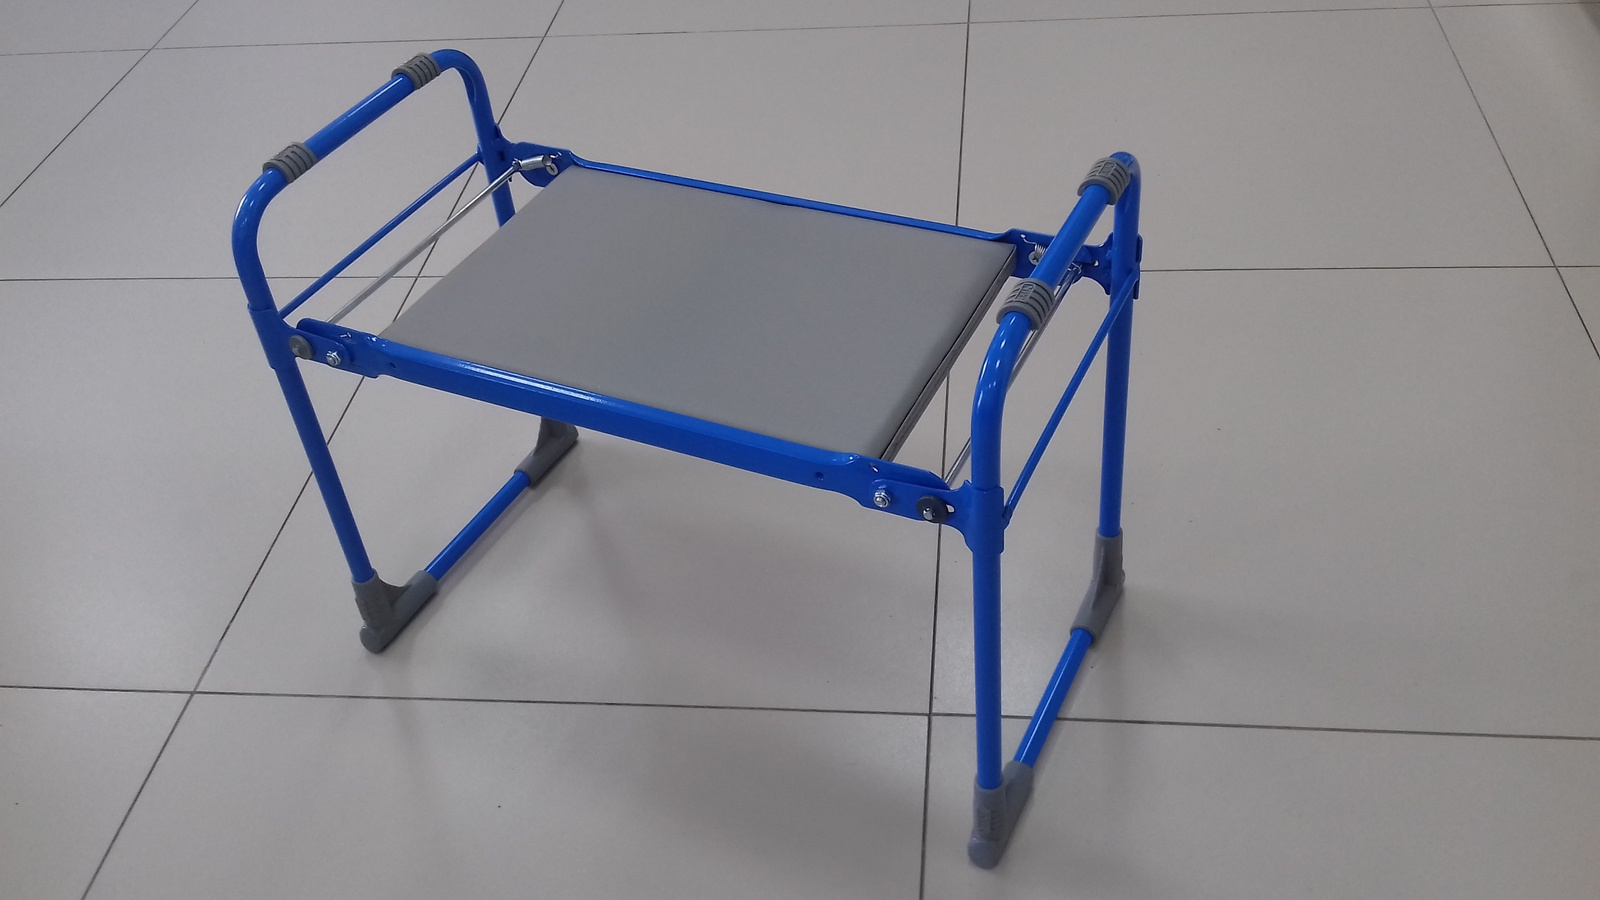 Садовая скамья Ника скамейкаСКМ/гИспользуется в качестве садовой скамейки во время отдыхаи в качестве подставки при выполнении садовых работ.Скамейку можно использовать в качестве стула для рыбалки.В сложенном виде занимает минимум места.мягкое сидение. качественный кожзам.